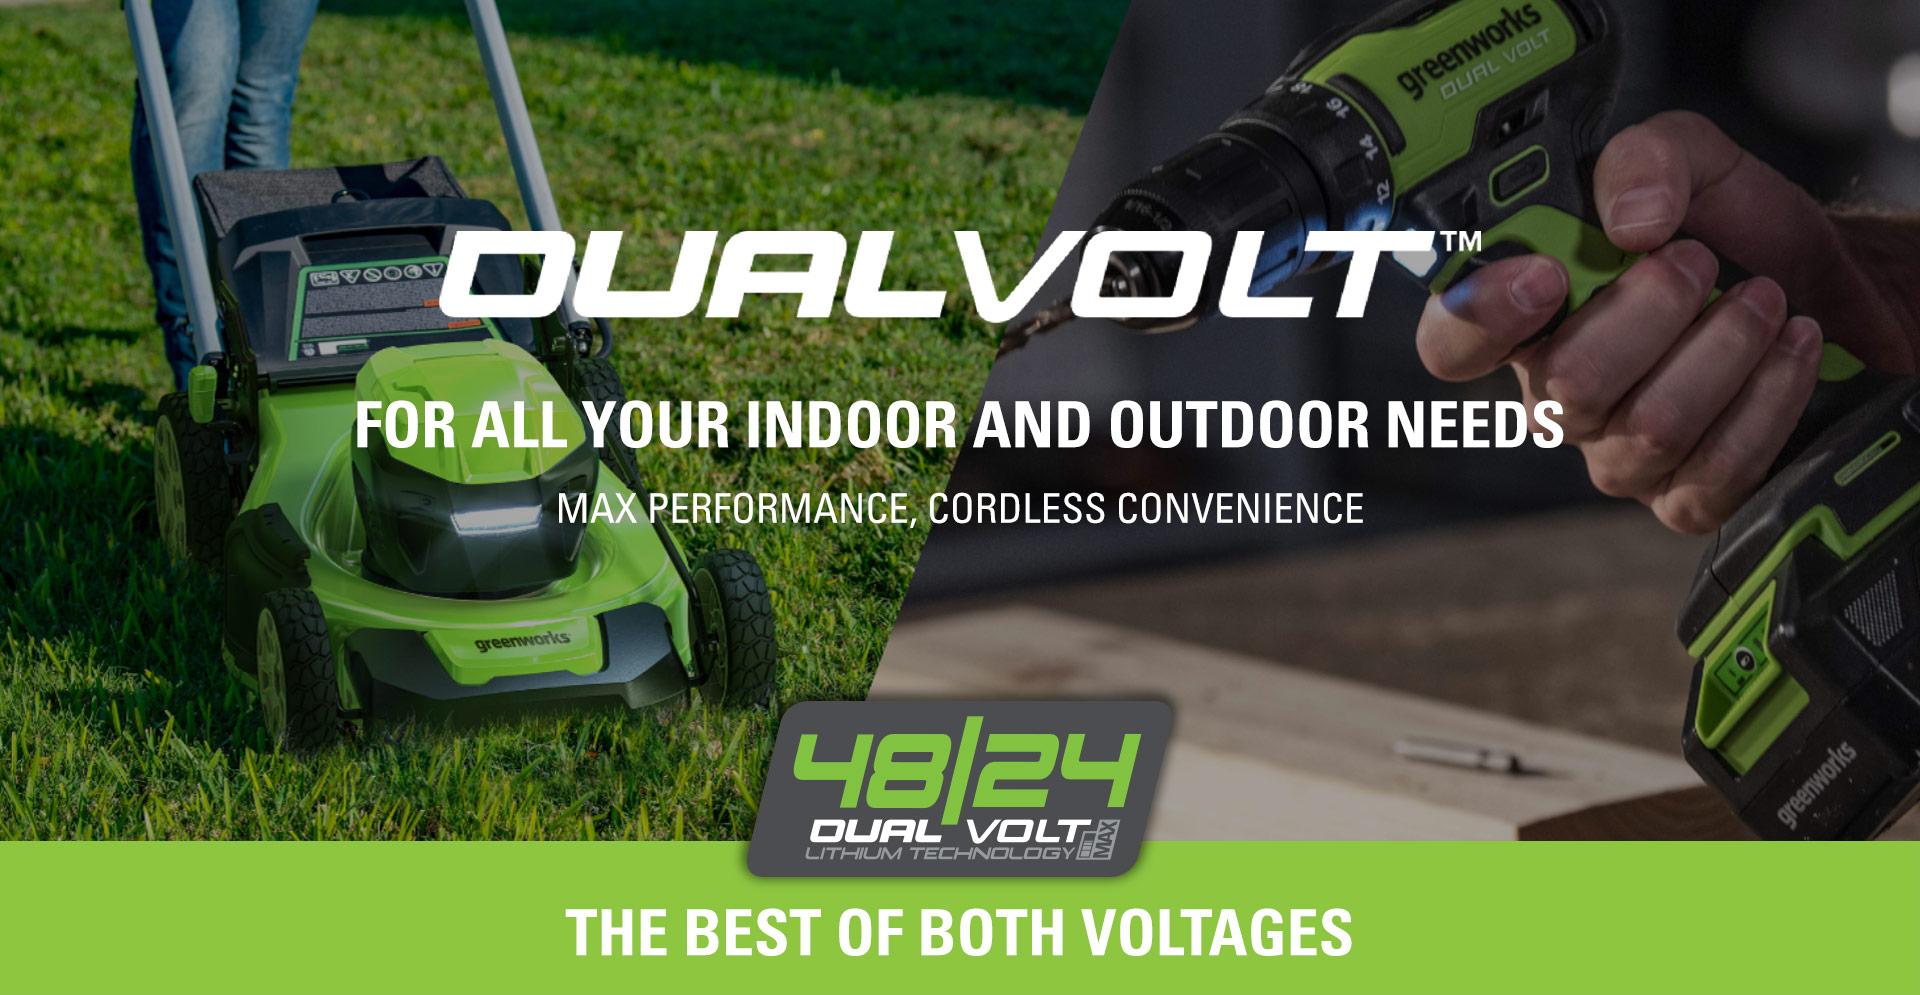 48/24V DUALVOLT | Greenworks Commercial